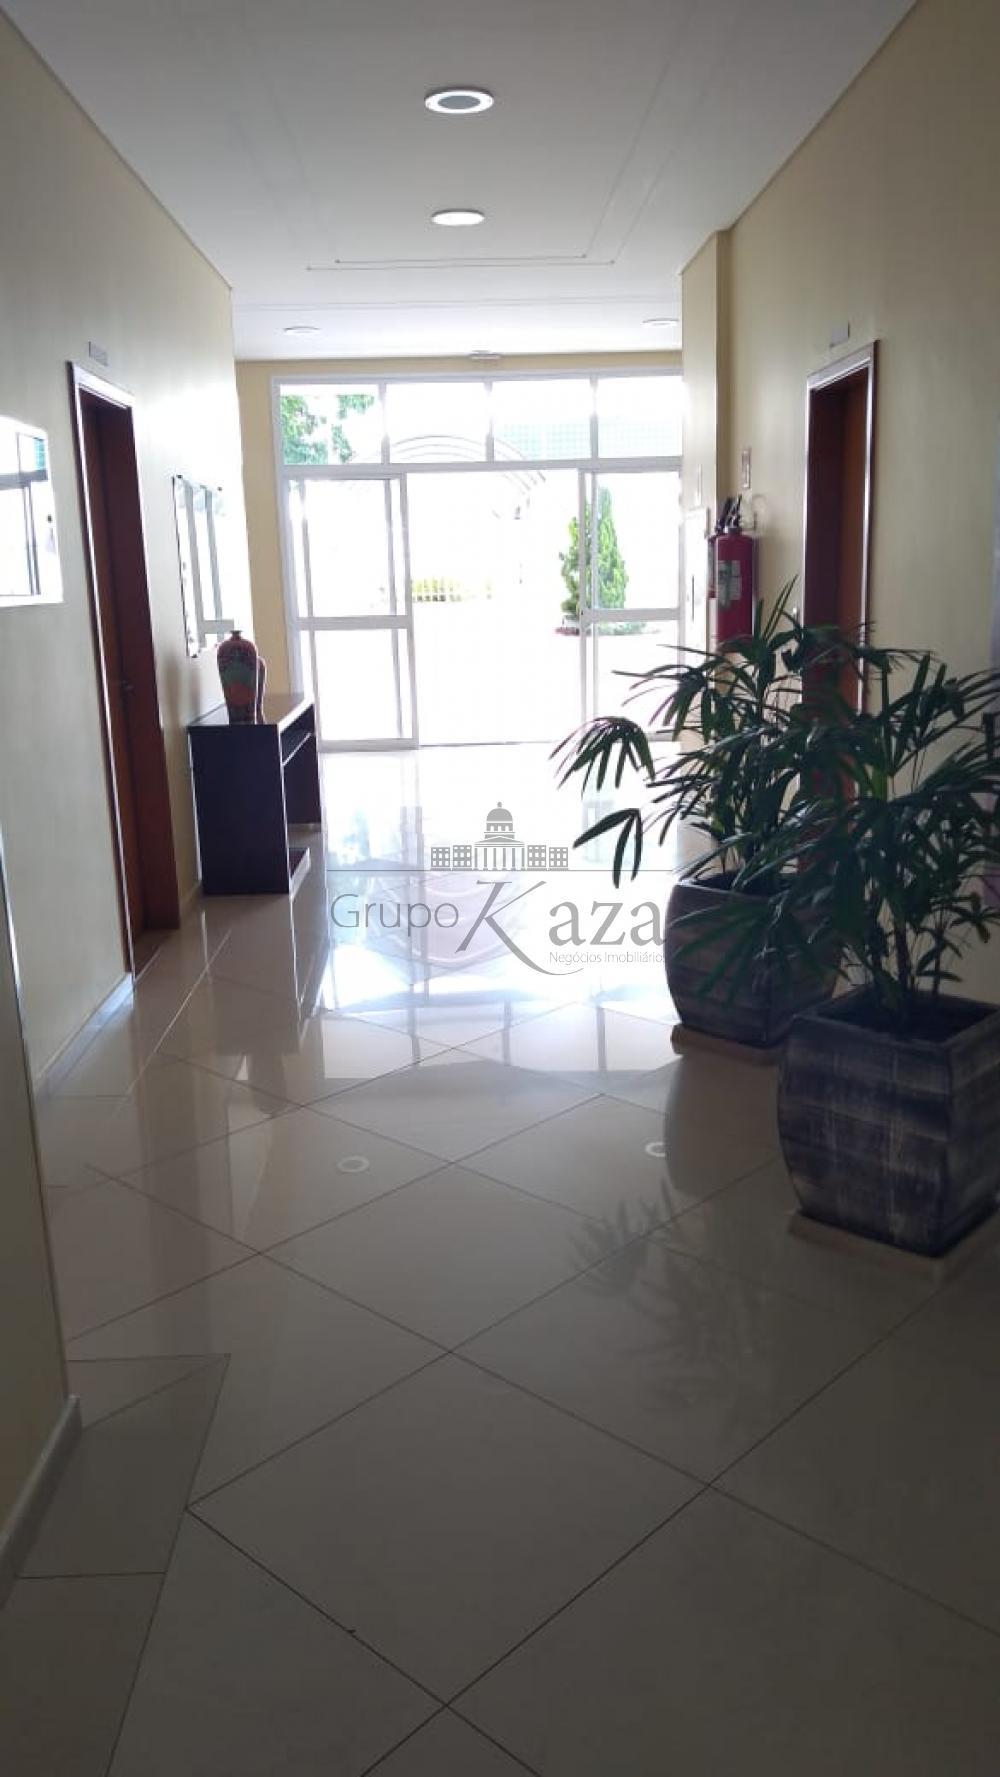 Alugar Apartamento / Padrão em São José dos Campos R$ 3.000,00 - Foto 38